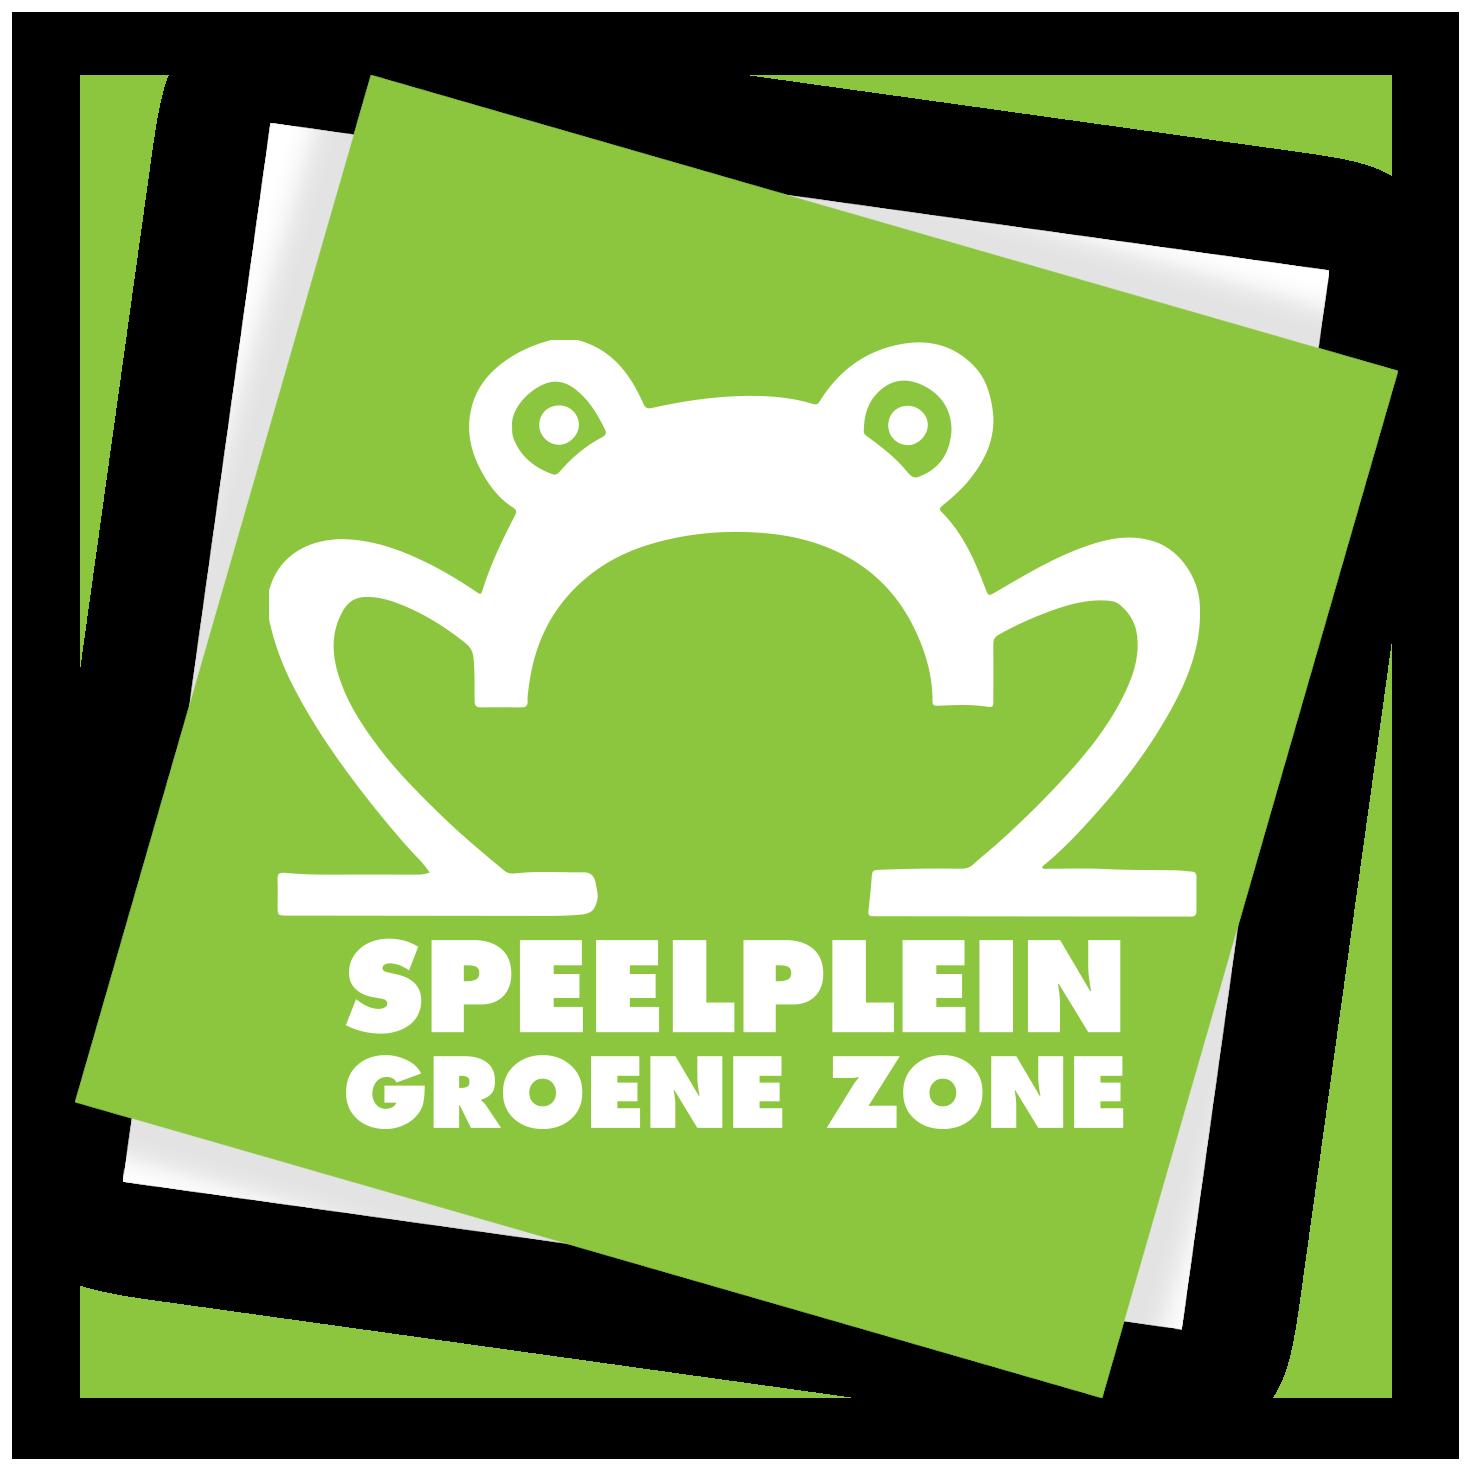 Logo speelplein Groene Zone aan de rand van Leuven in Heverlee